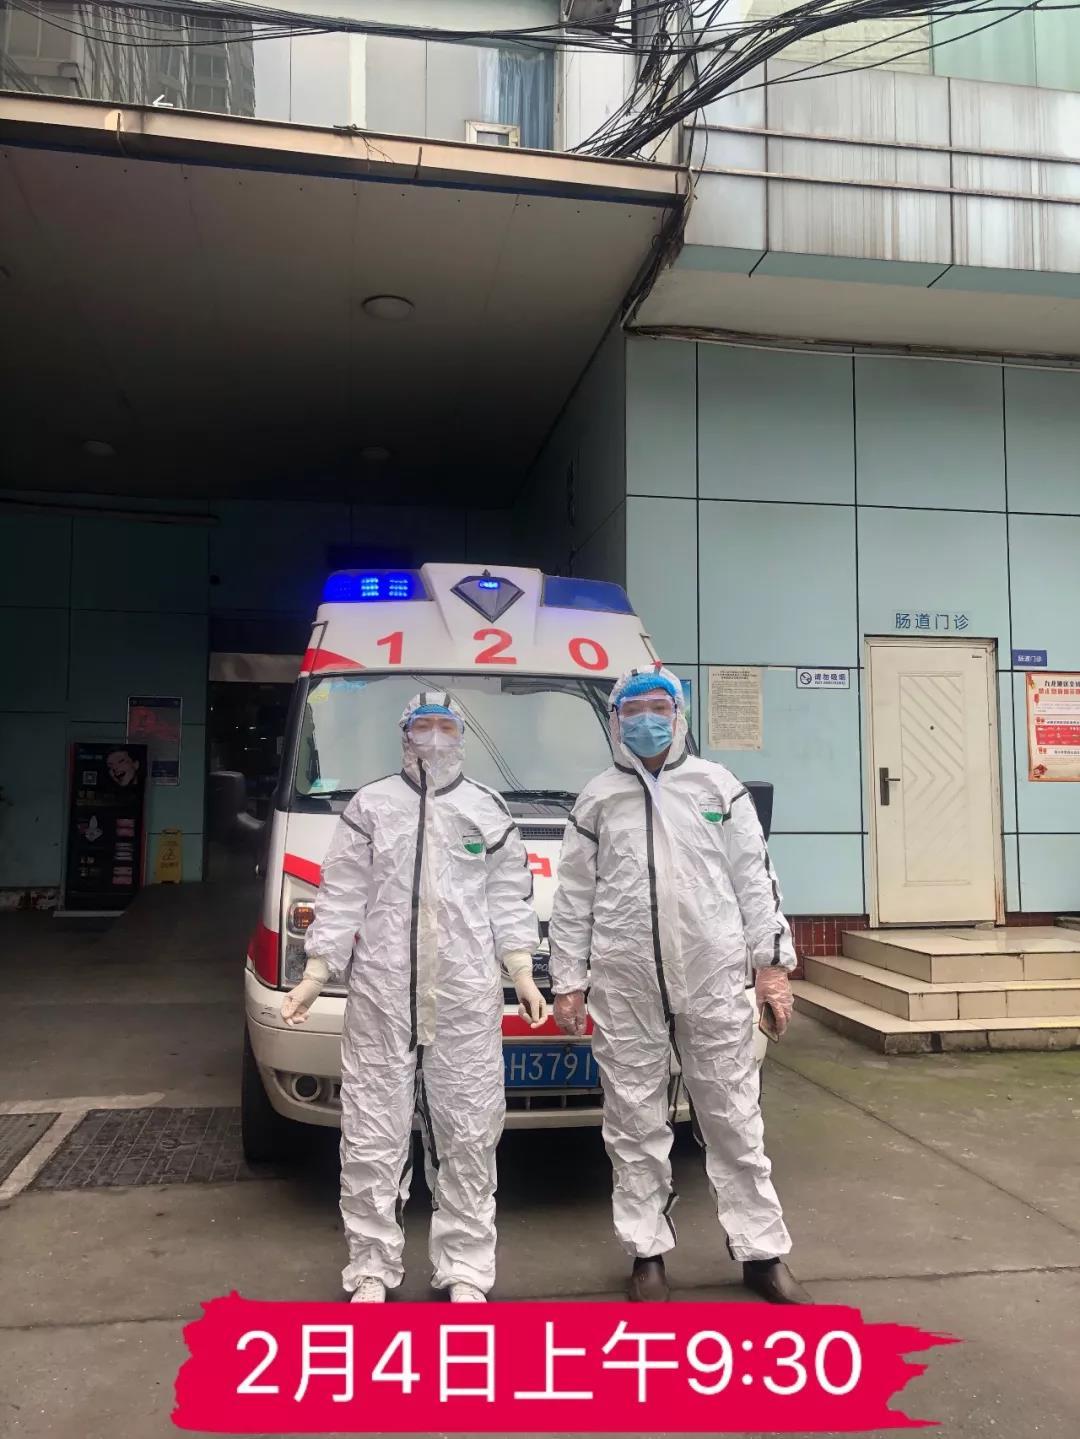 谢长江(右一):驾驶员、重庆明好医院13年员工